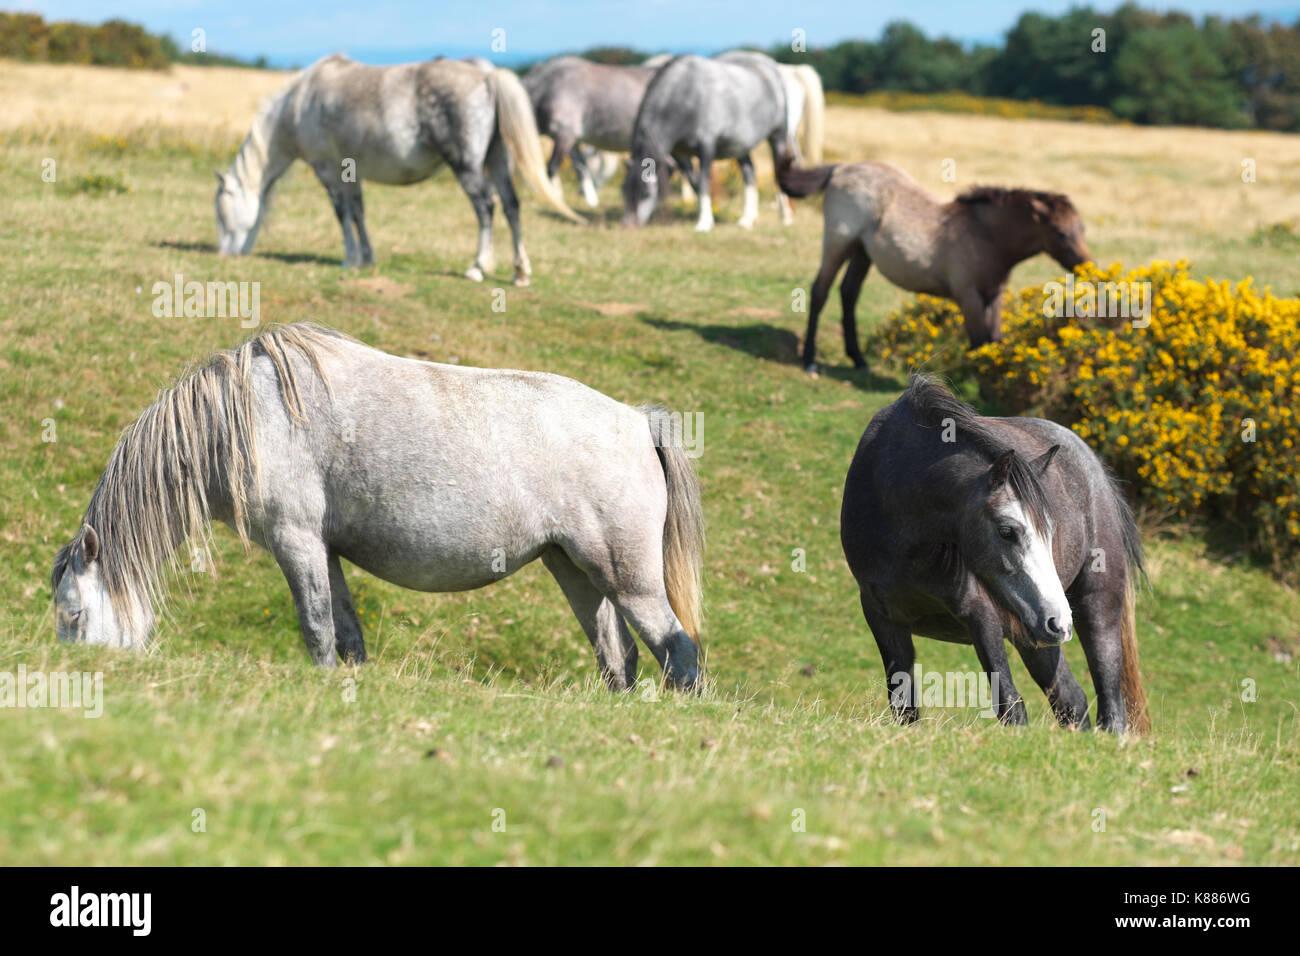 Hergest ridge haute poneys sauvages jusqu'à la frontière entre l'Angleterre et au Pays de Galles Photo Stock